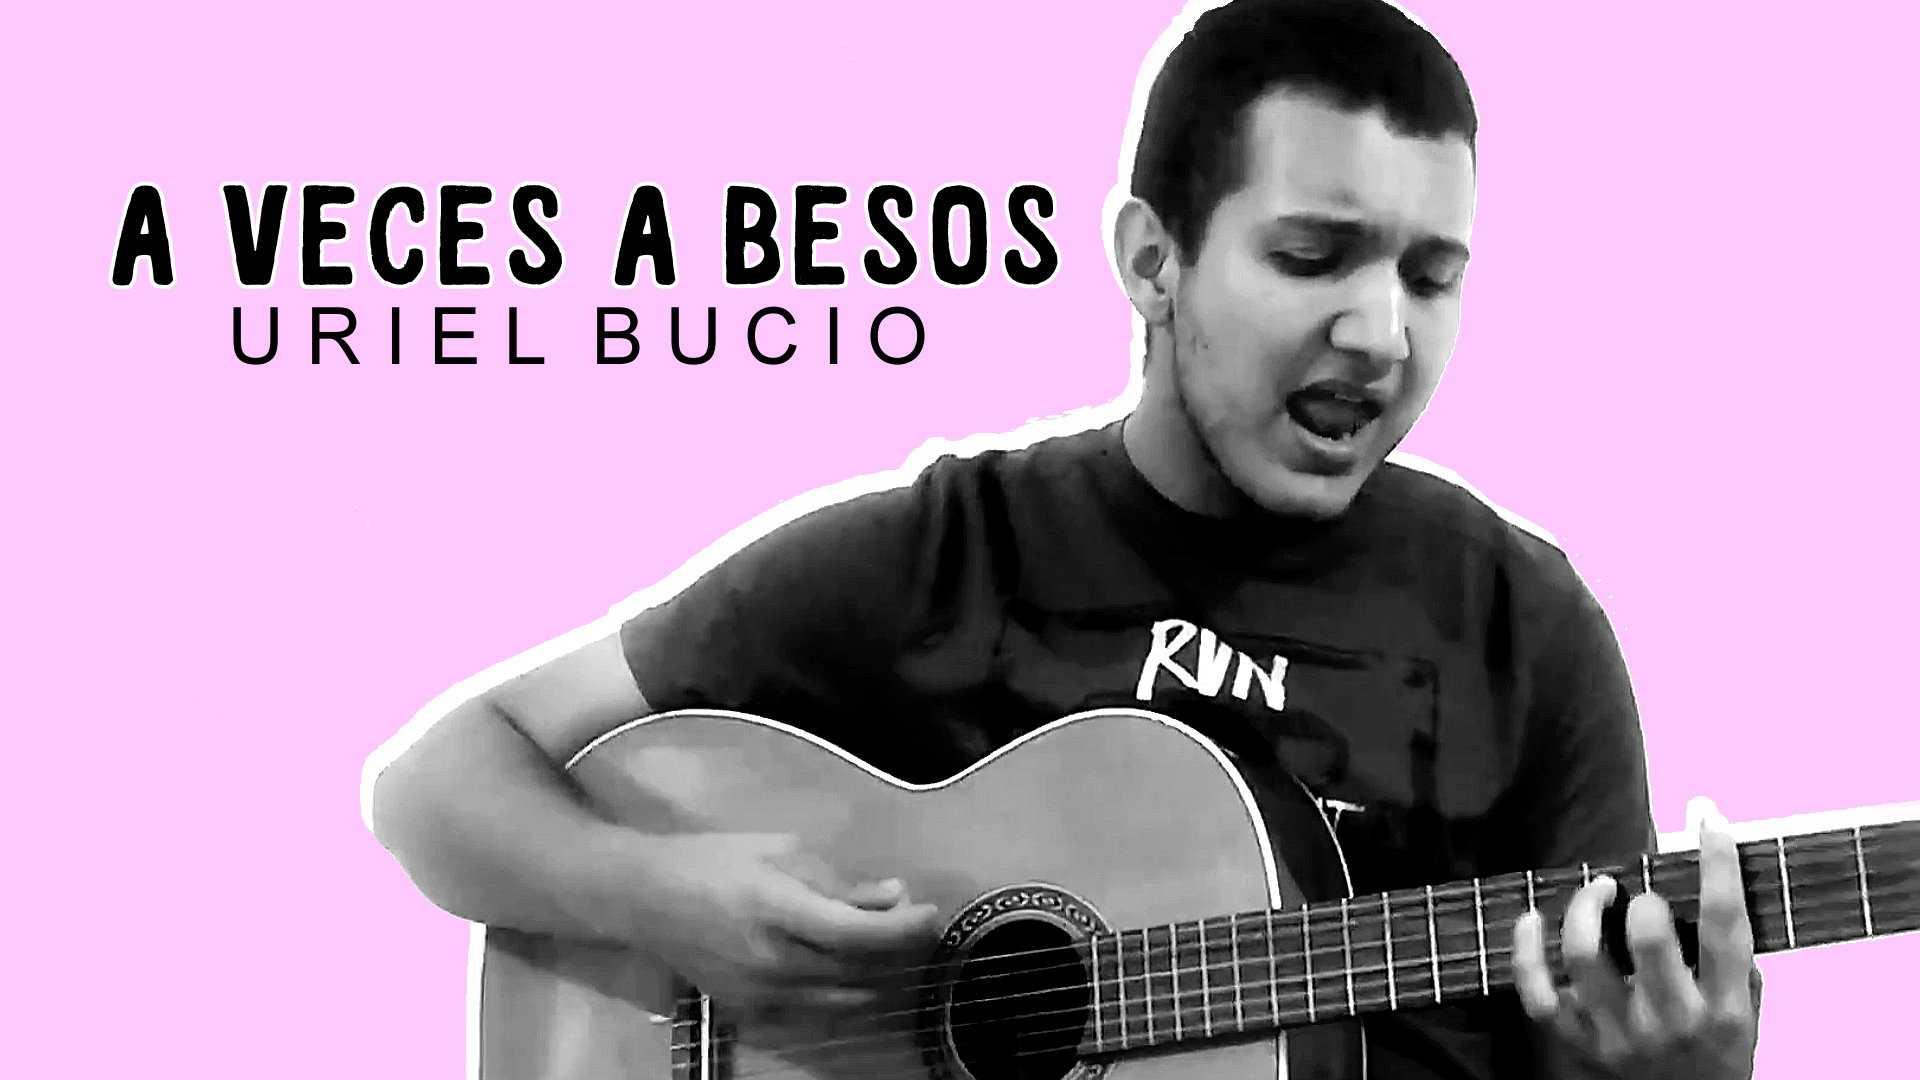 Uriel Bucio